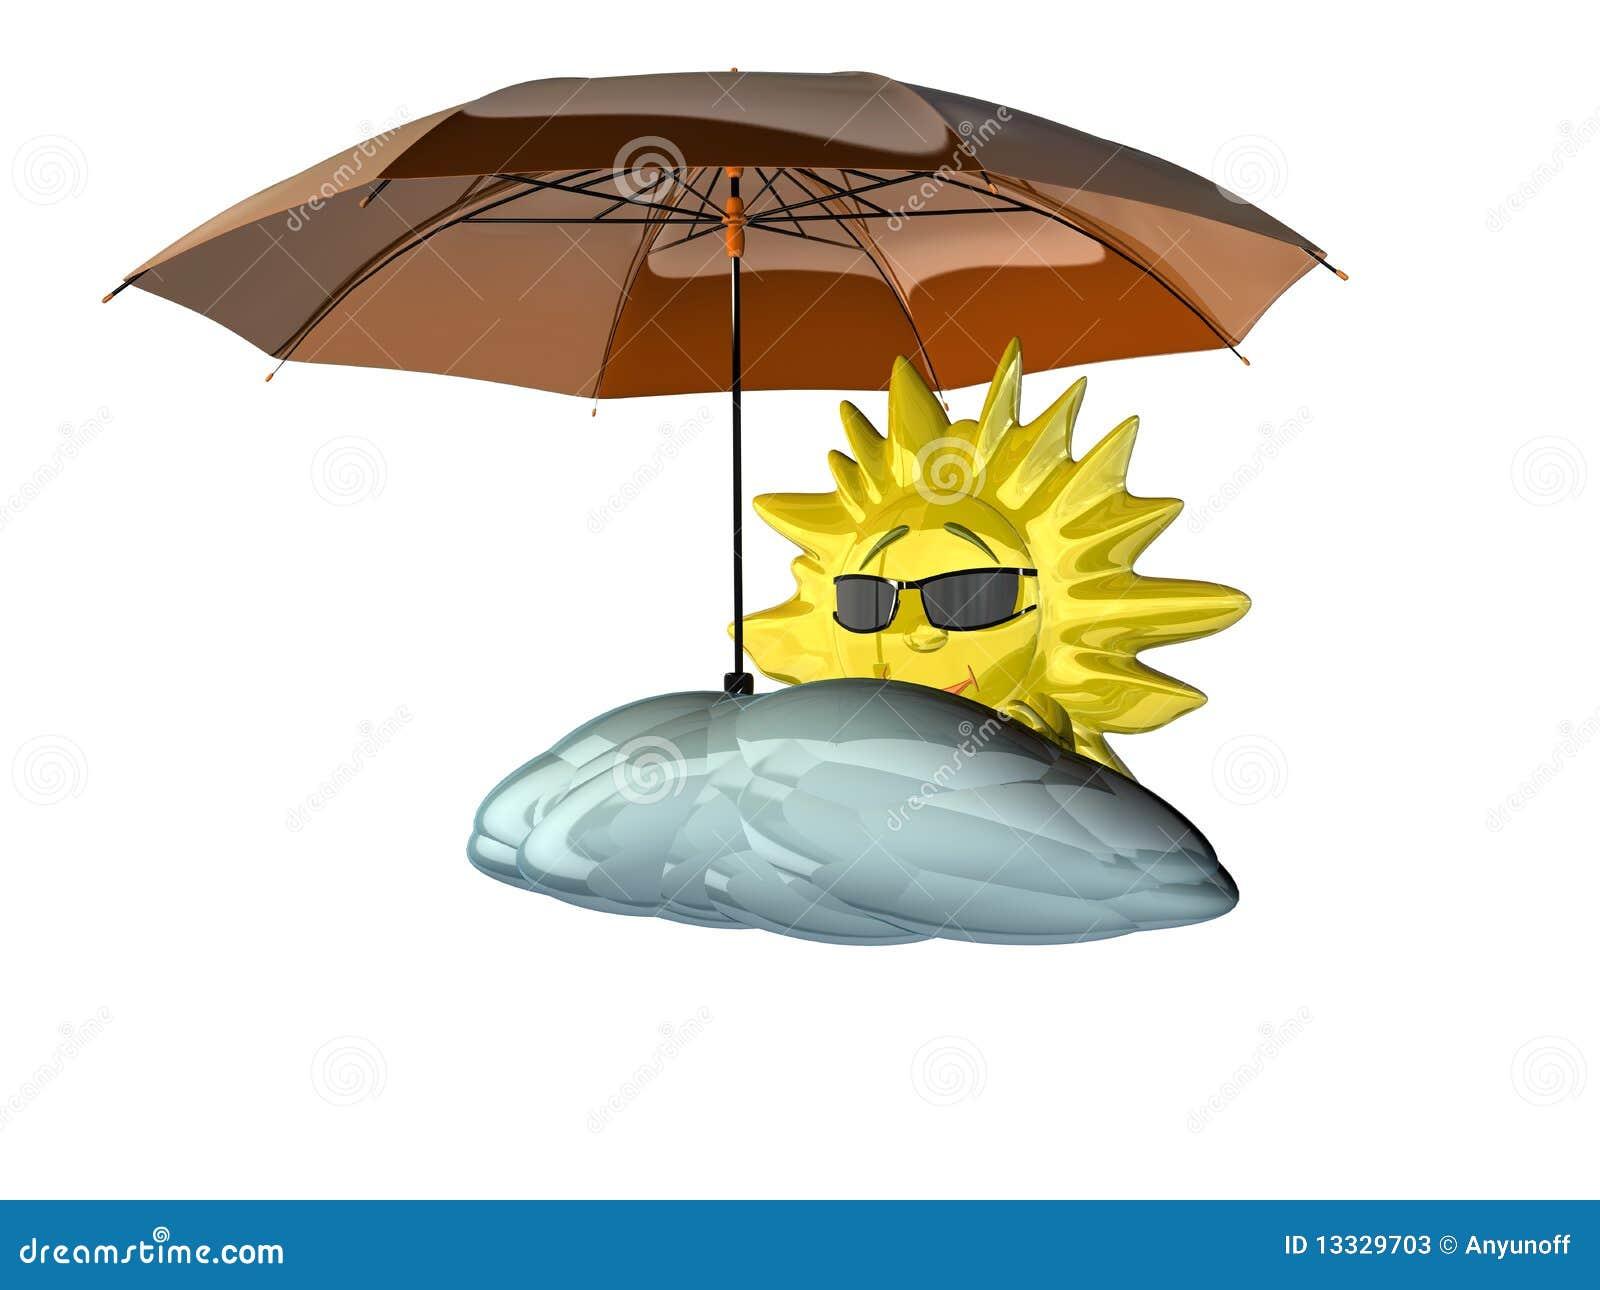 Karikatursonne mit Regenschirm